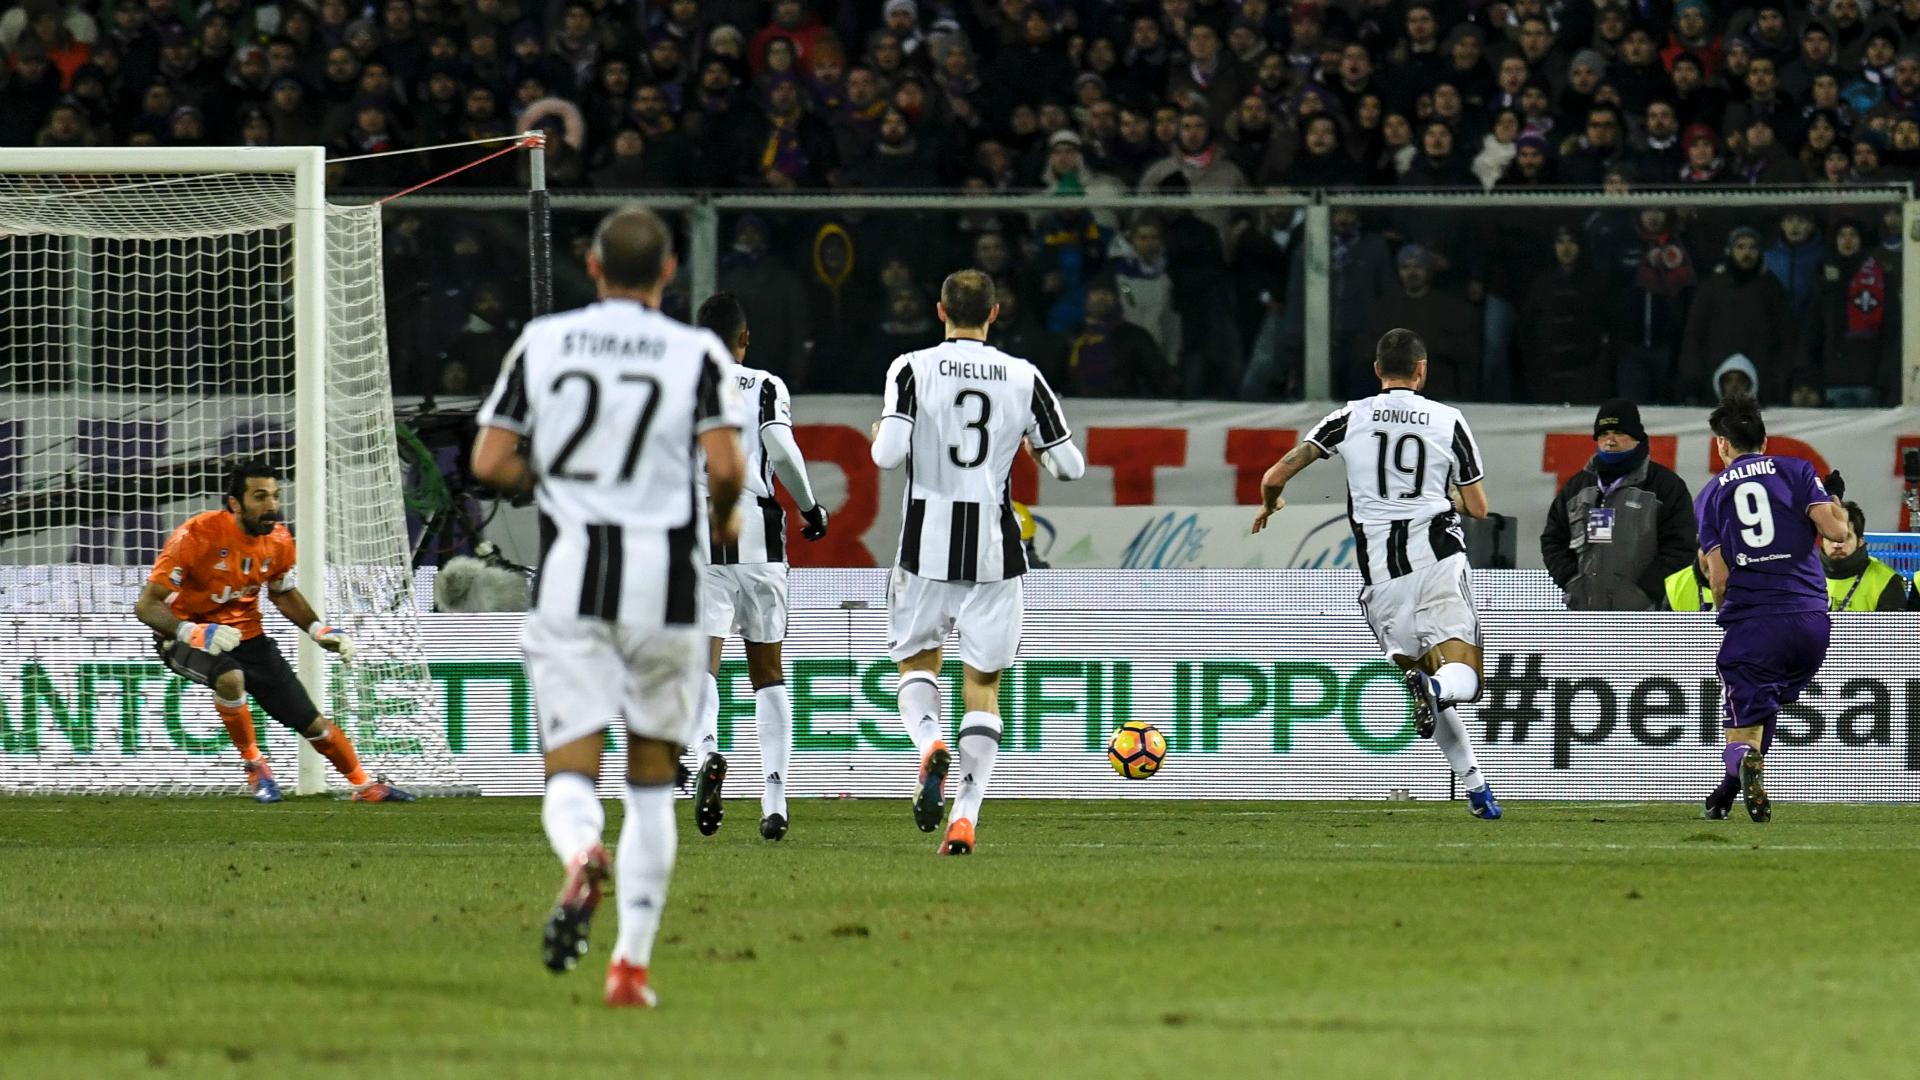 Fiorentina-Juventus, Allegri: